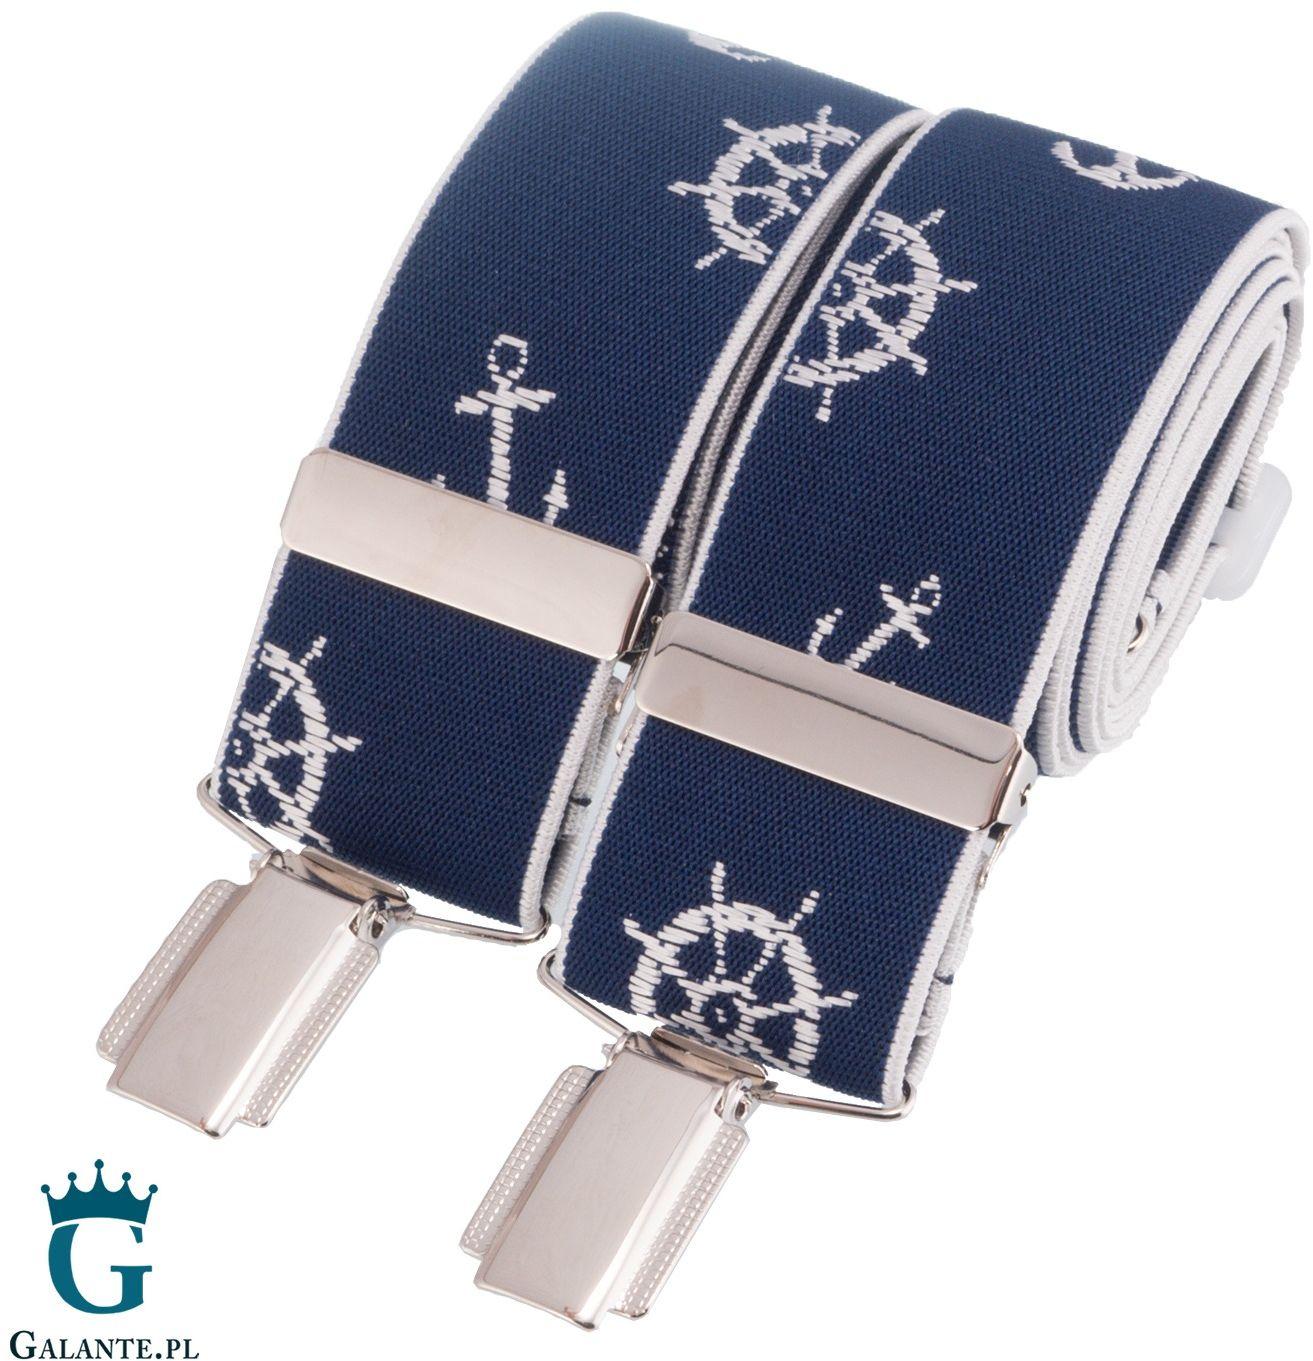 Szelki do spodni marynarskie br-045